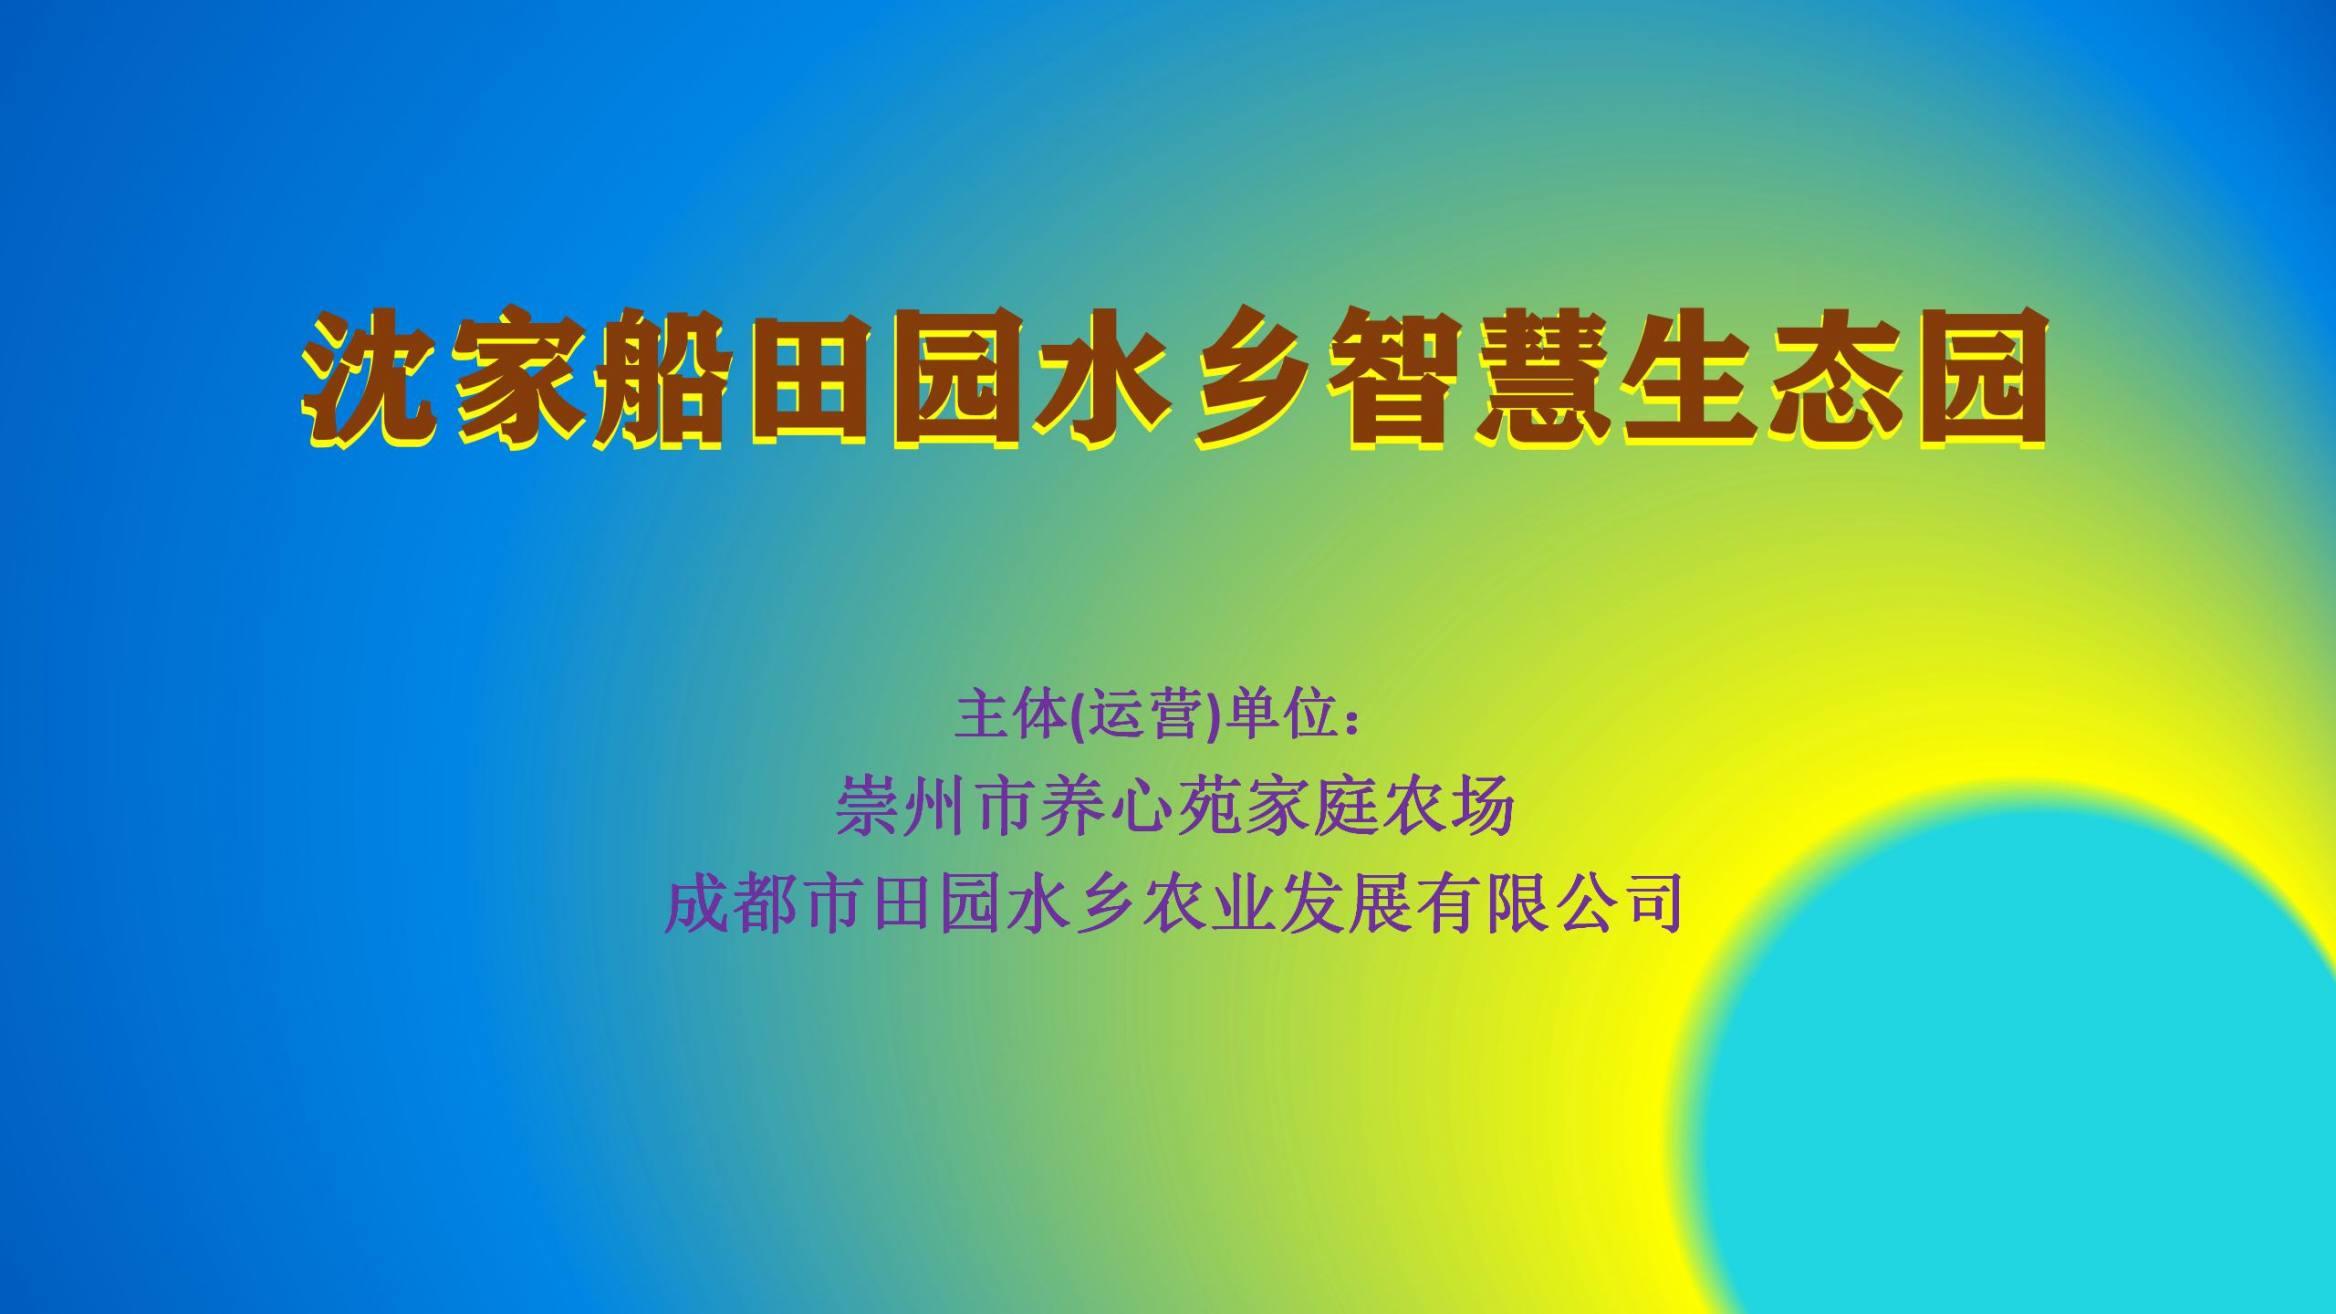 沈家船田园水乡智慧生态园 (37)